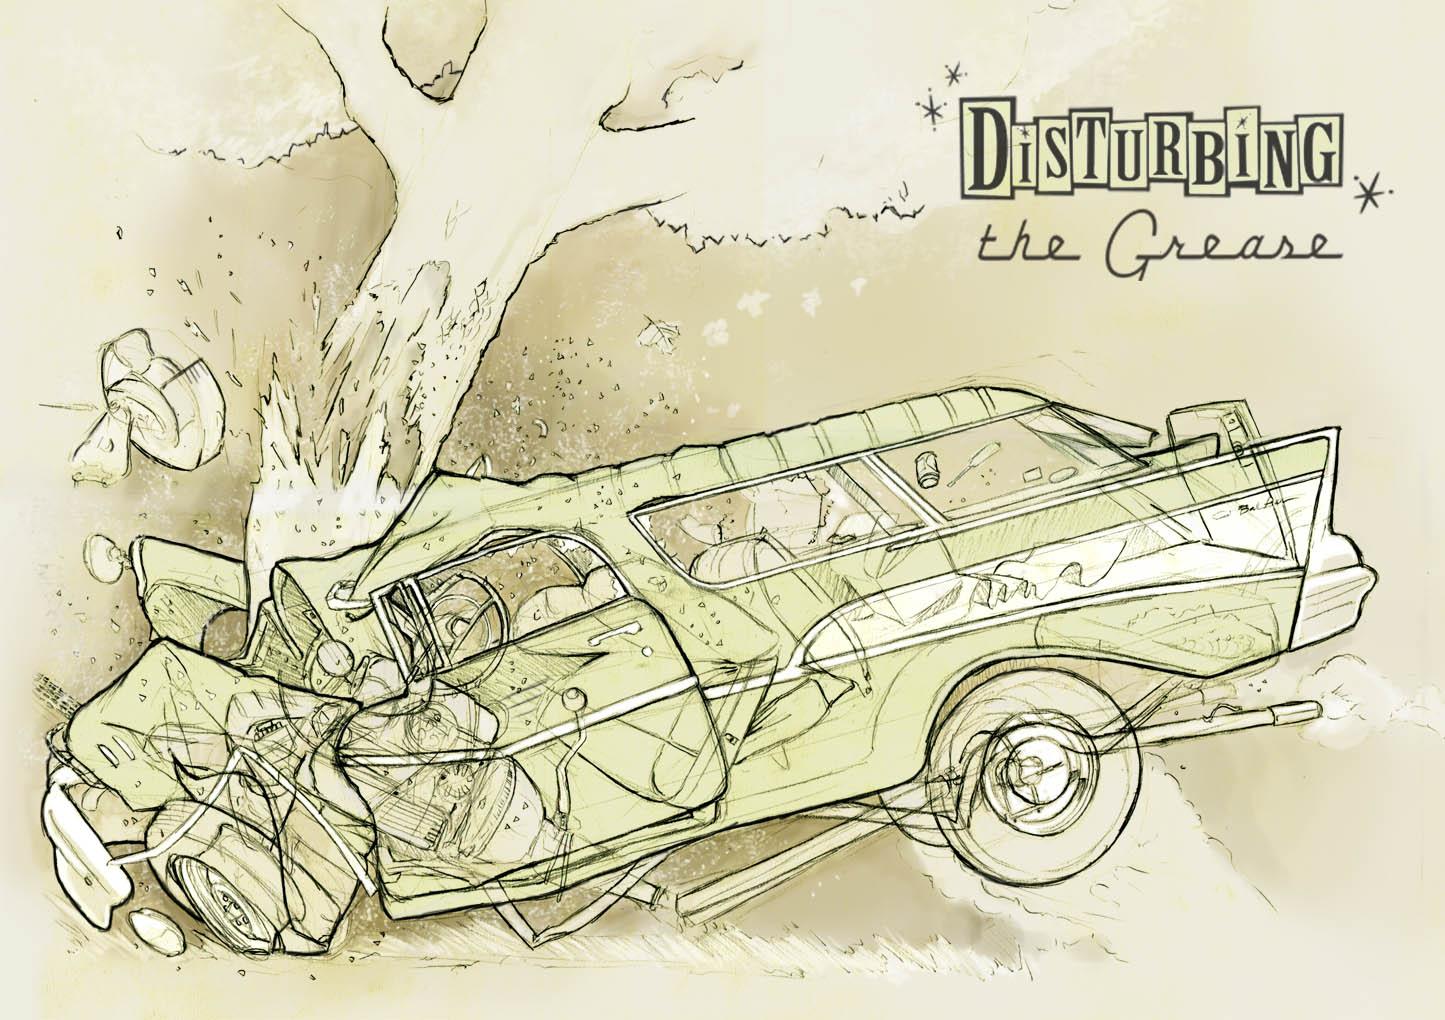 Car Crash Drawing - annesutu